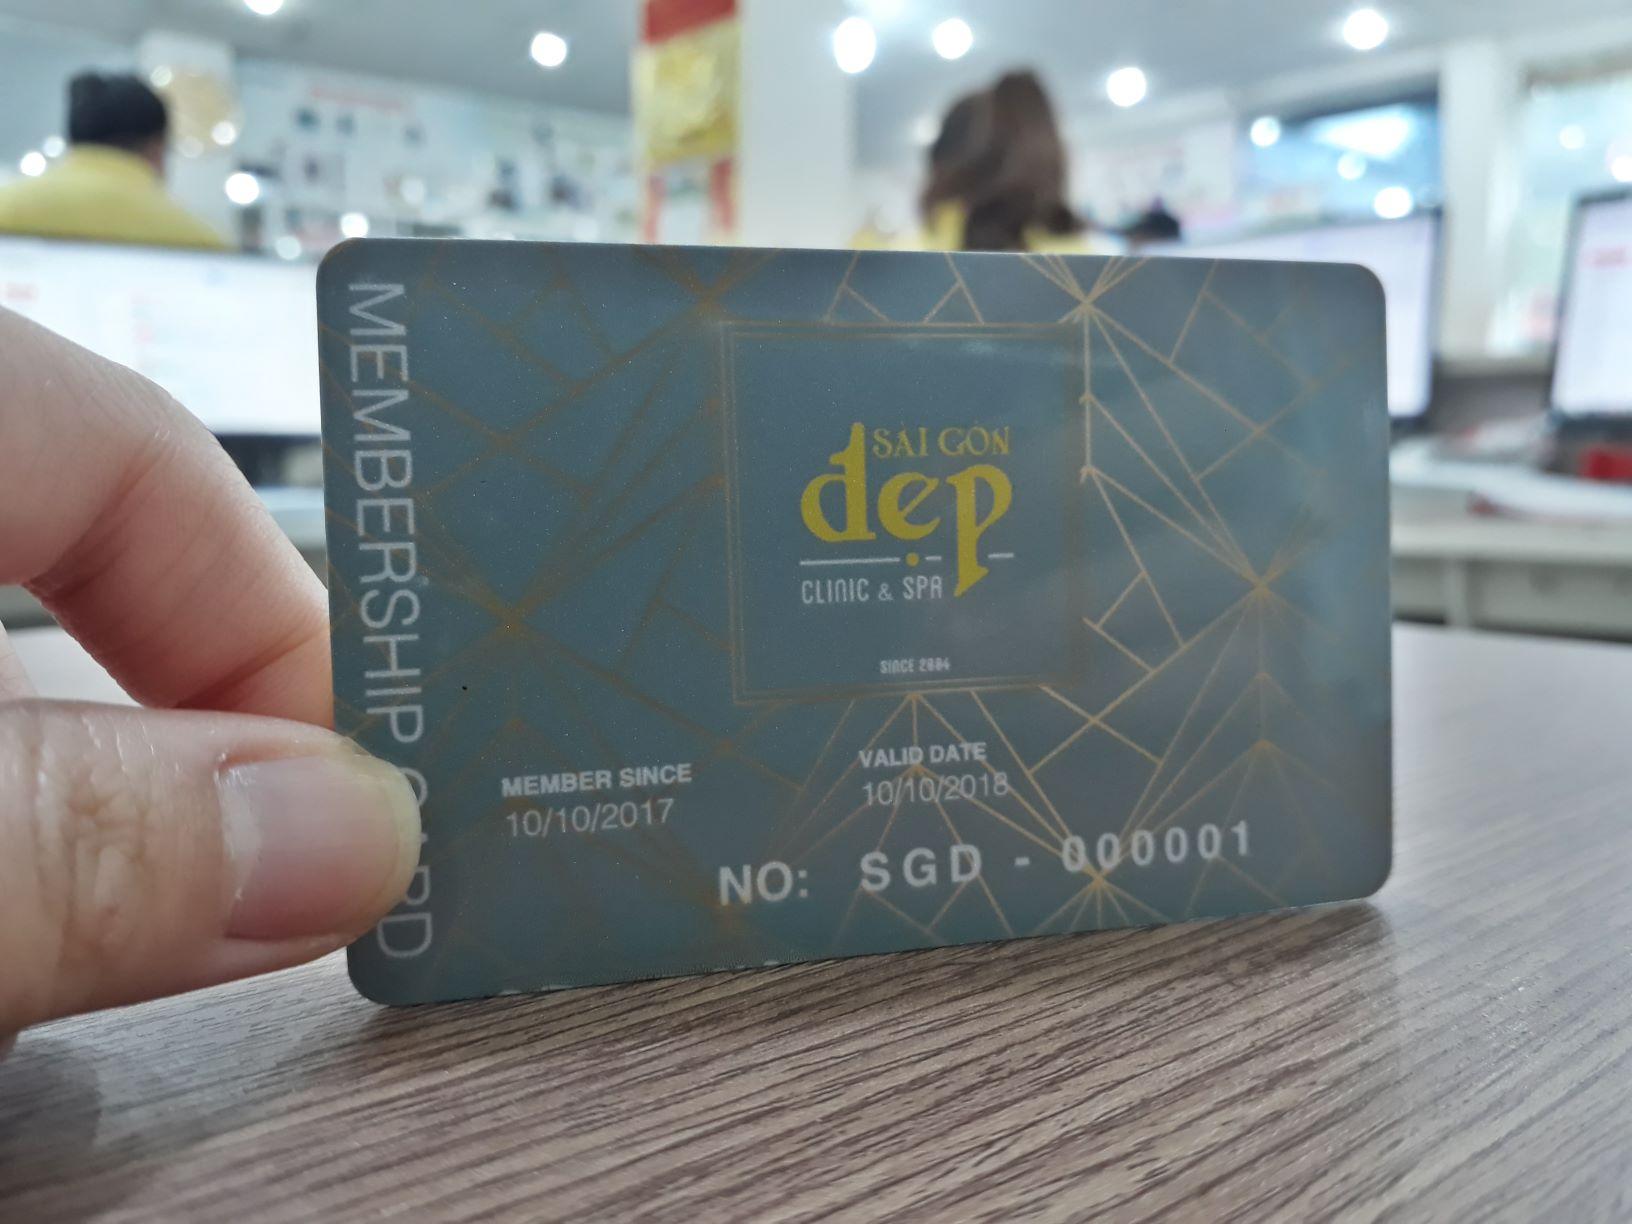 Thẻ nhựa cao cấp luôn thể hiện sự sang trọng, thường được sử dụng để làm thẻ cho VIP, sếp,...